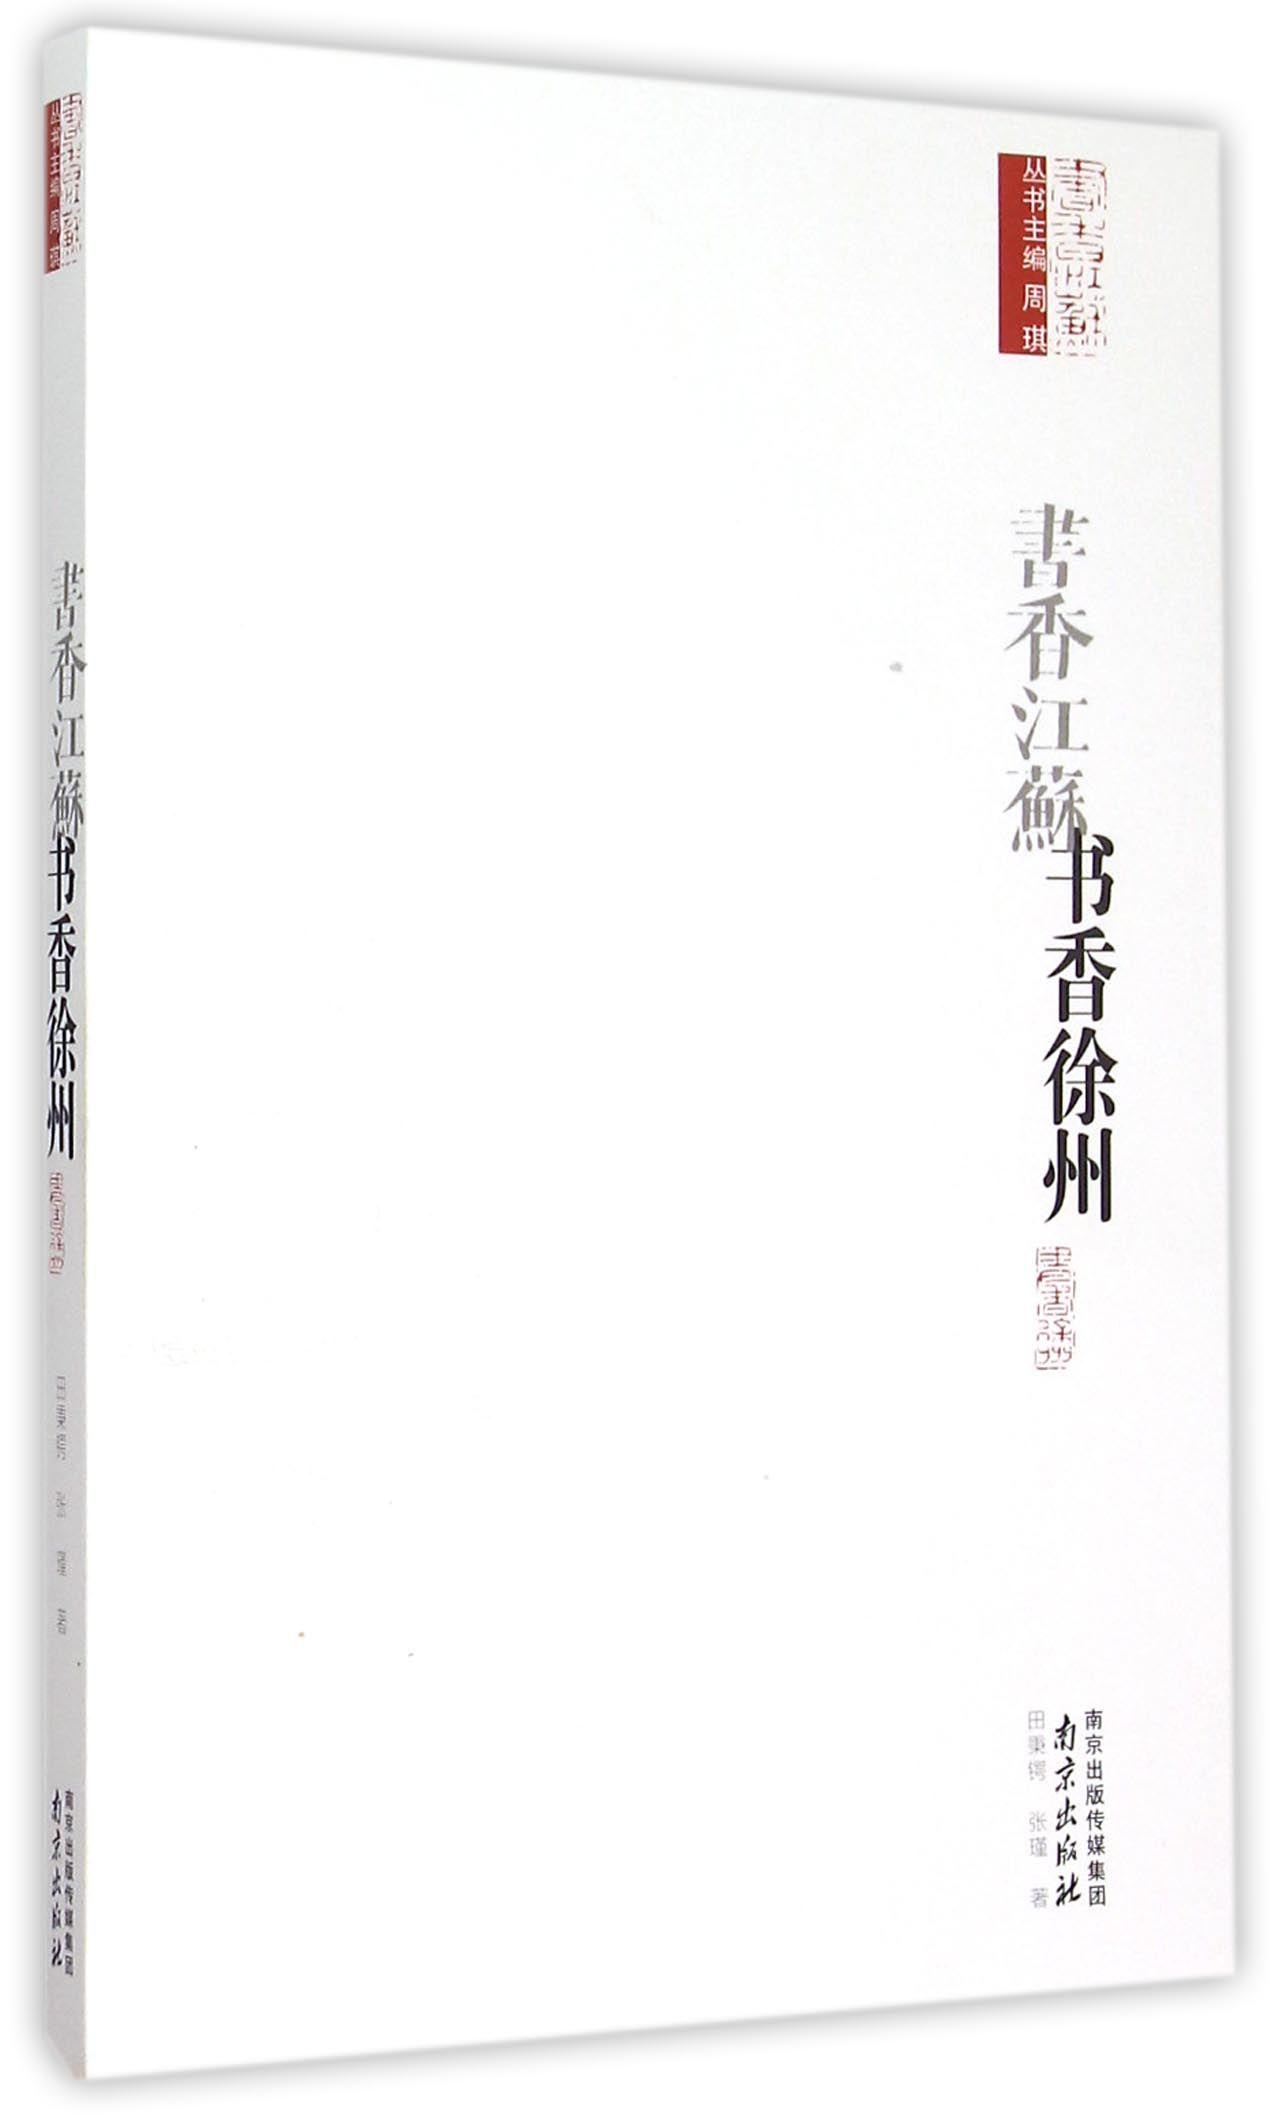 书香徐州/书香江苏图片